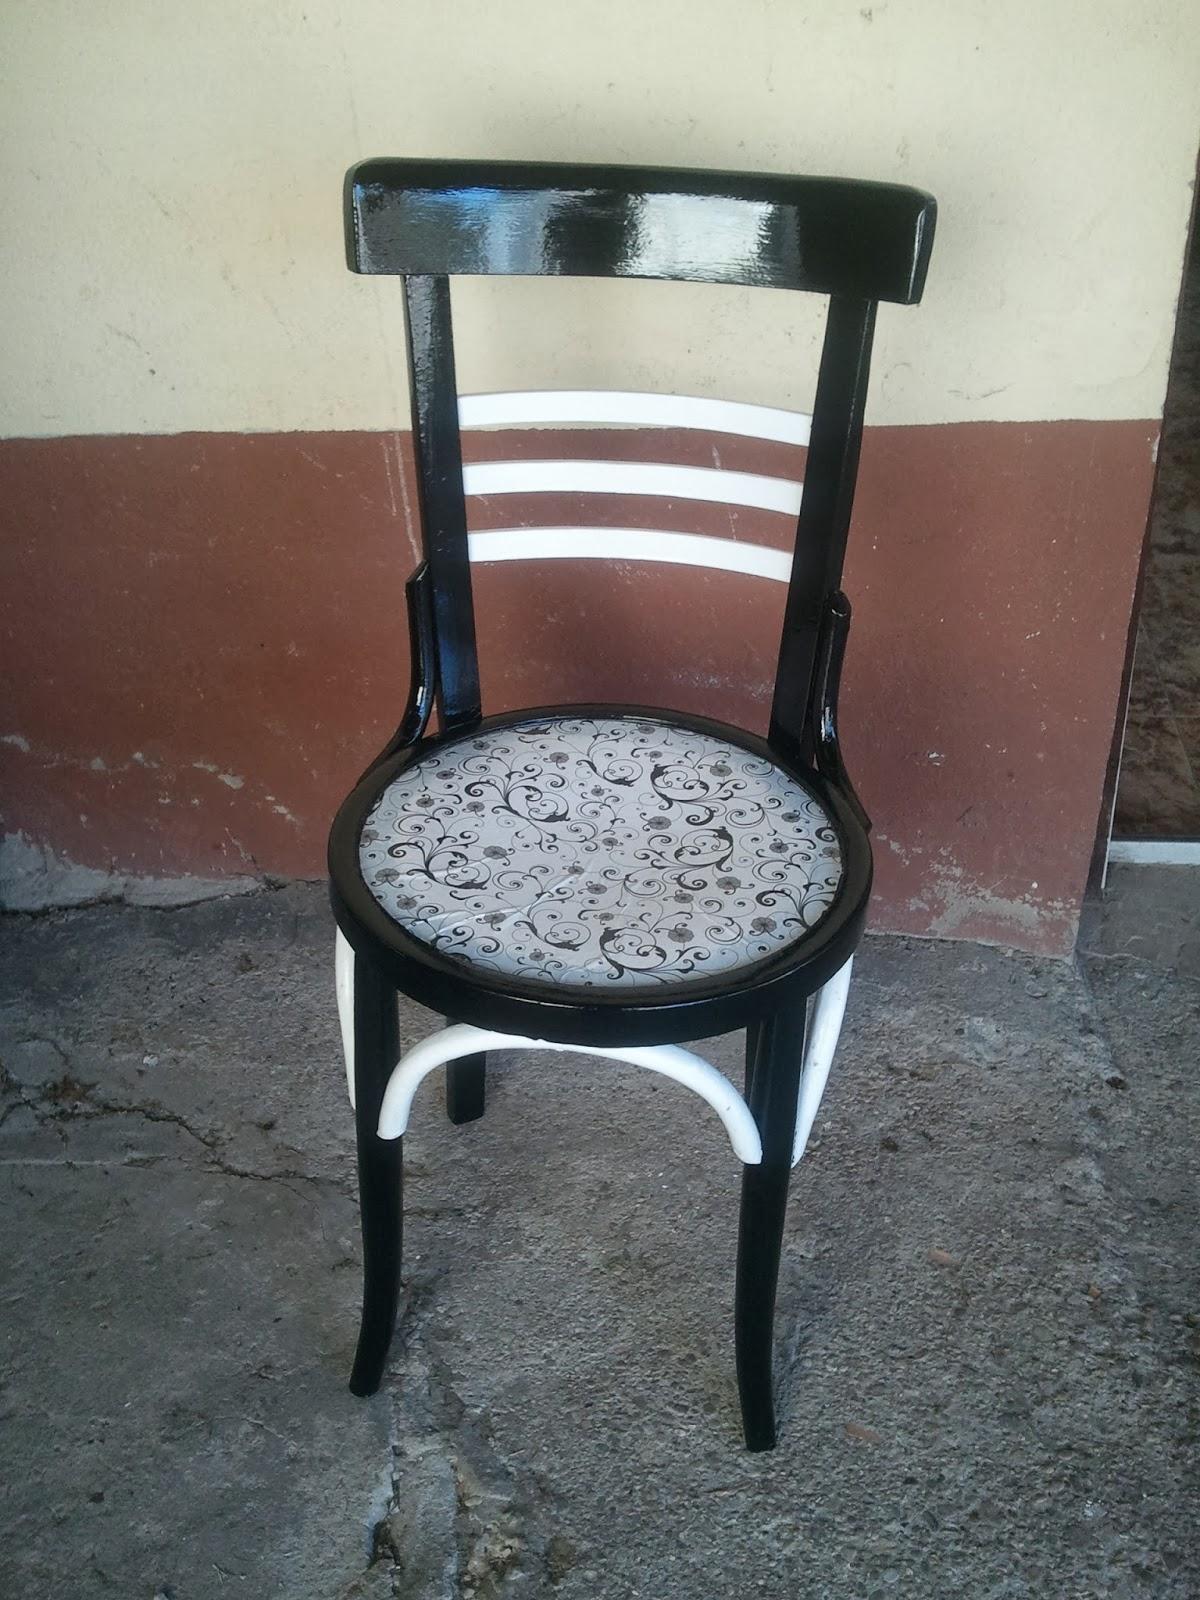 Recikla arte quieres cambiar de color un mueble tuyo - Cambiar color muebles ...